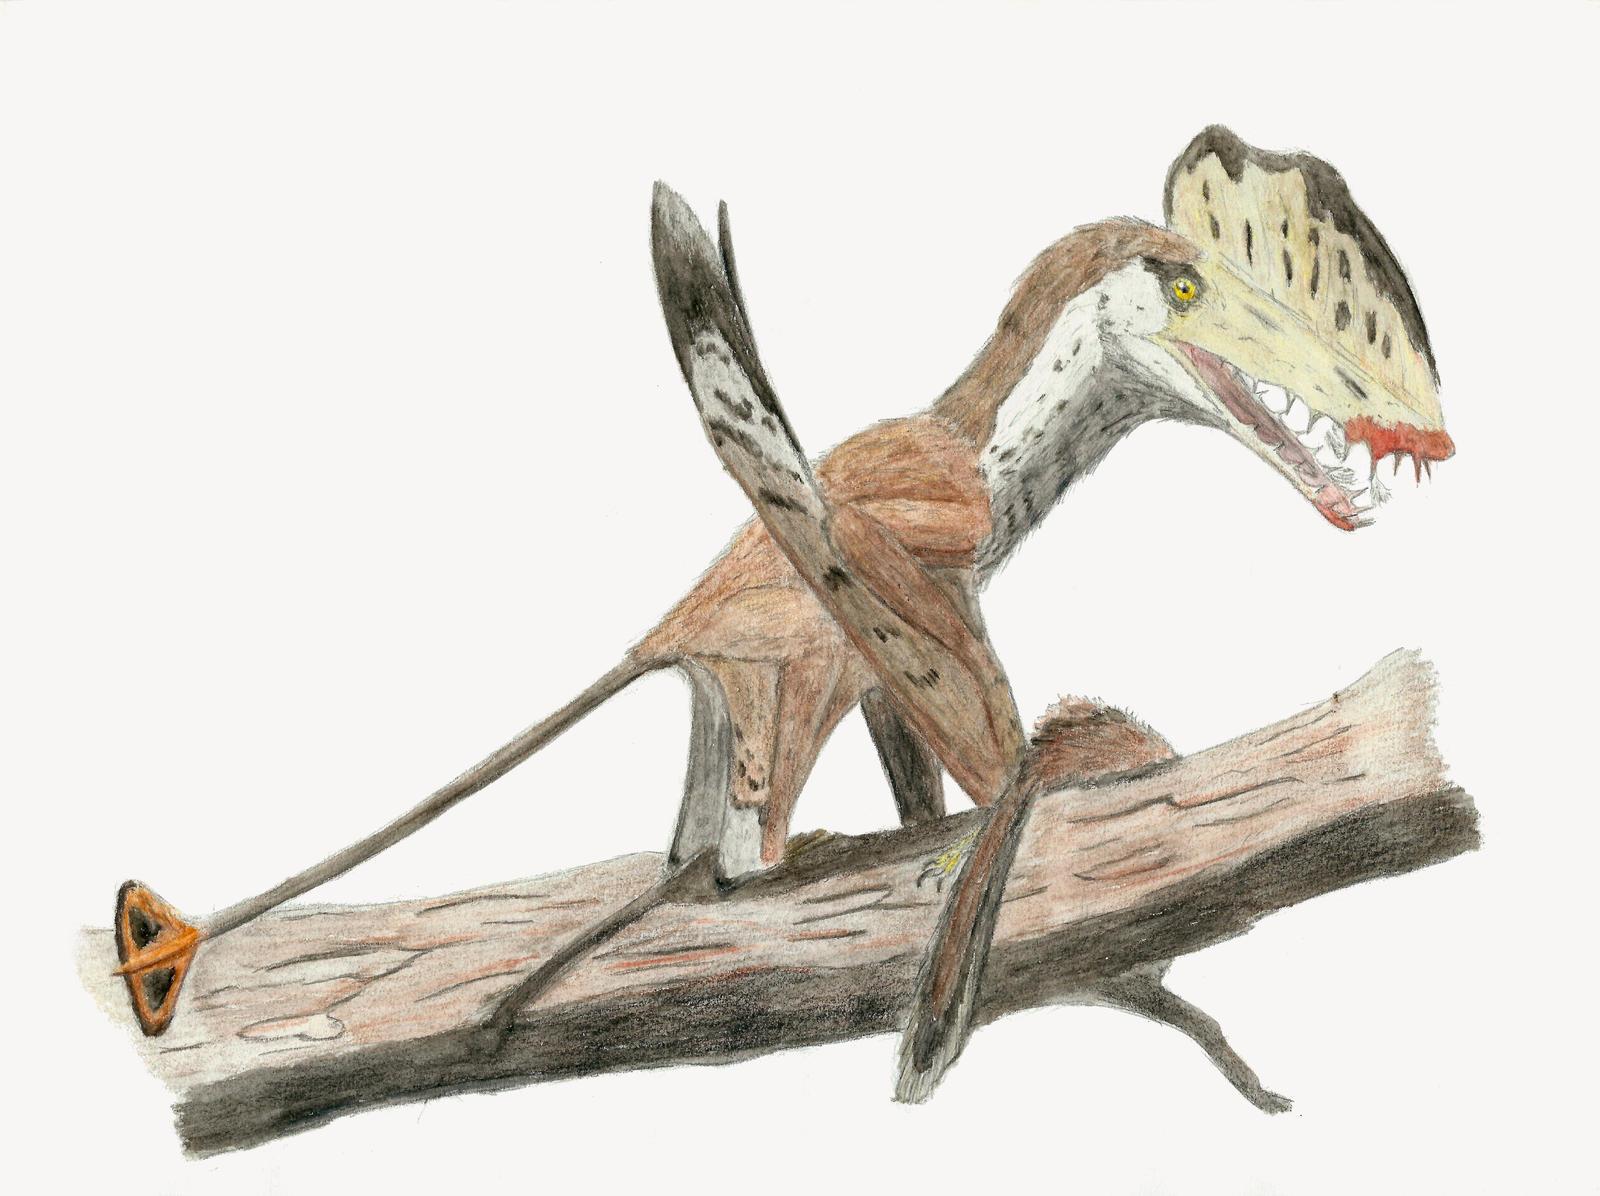 Harpactognathus gentryii